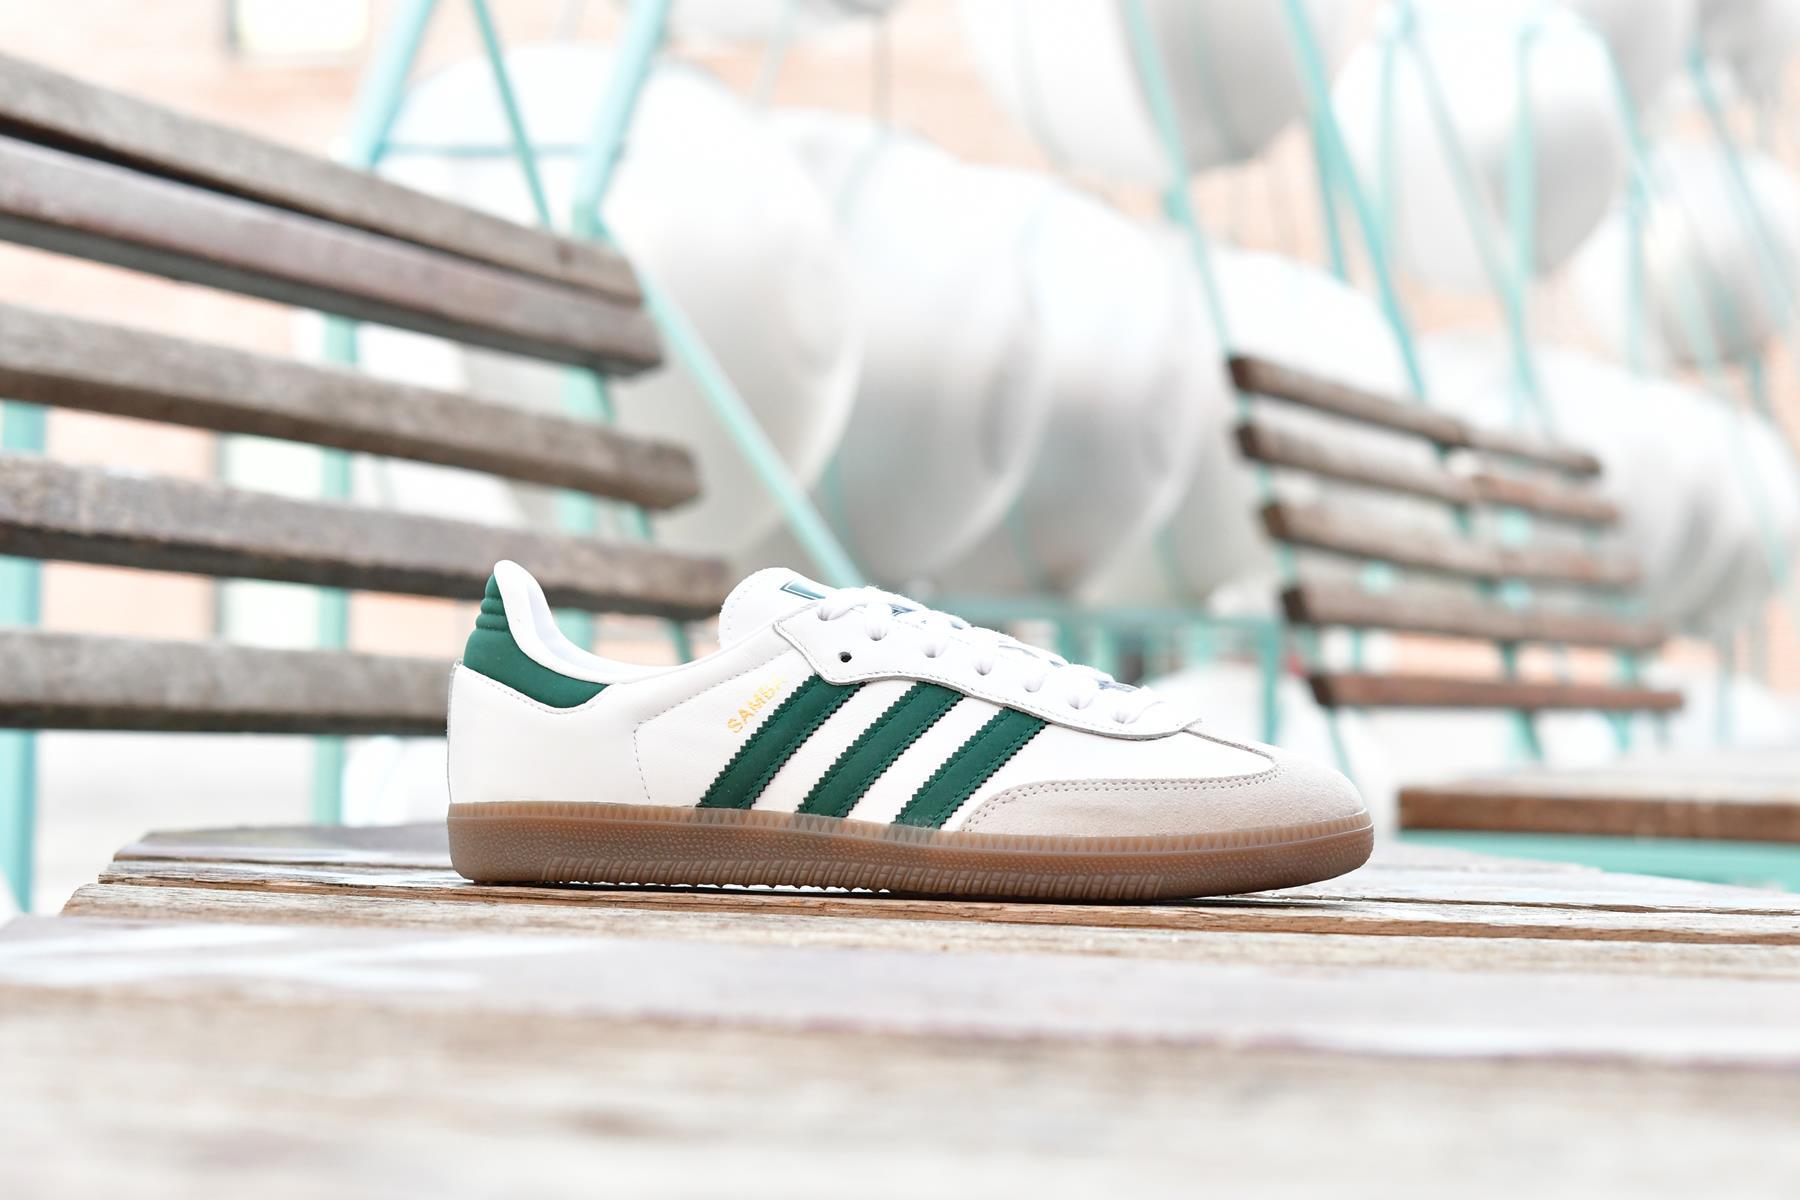 Deportista Acusador Accidental  adidas samba blancas y verdes - Tienda Online de Zapatos, Ropa y  Complementos de marca